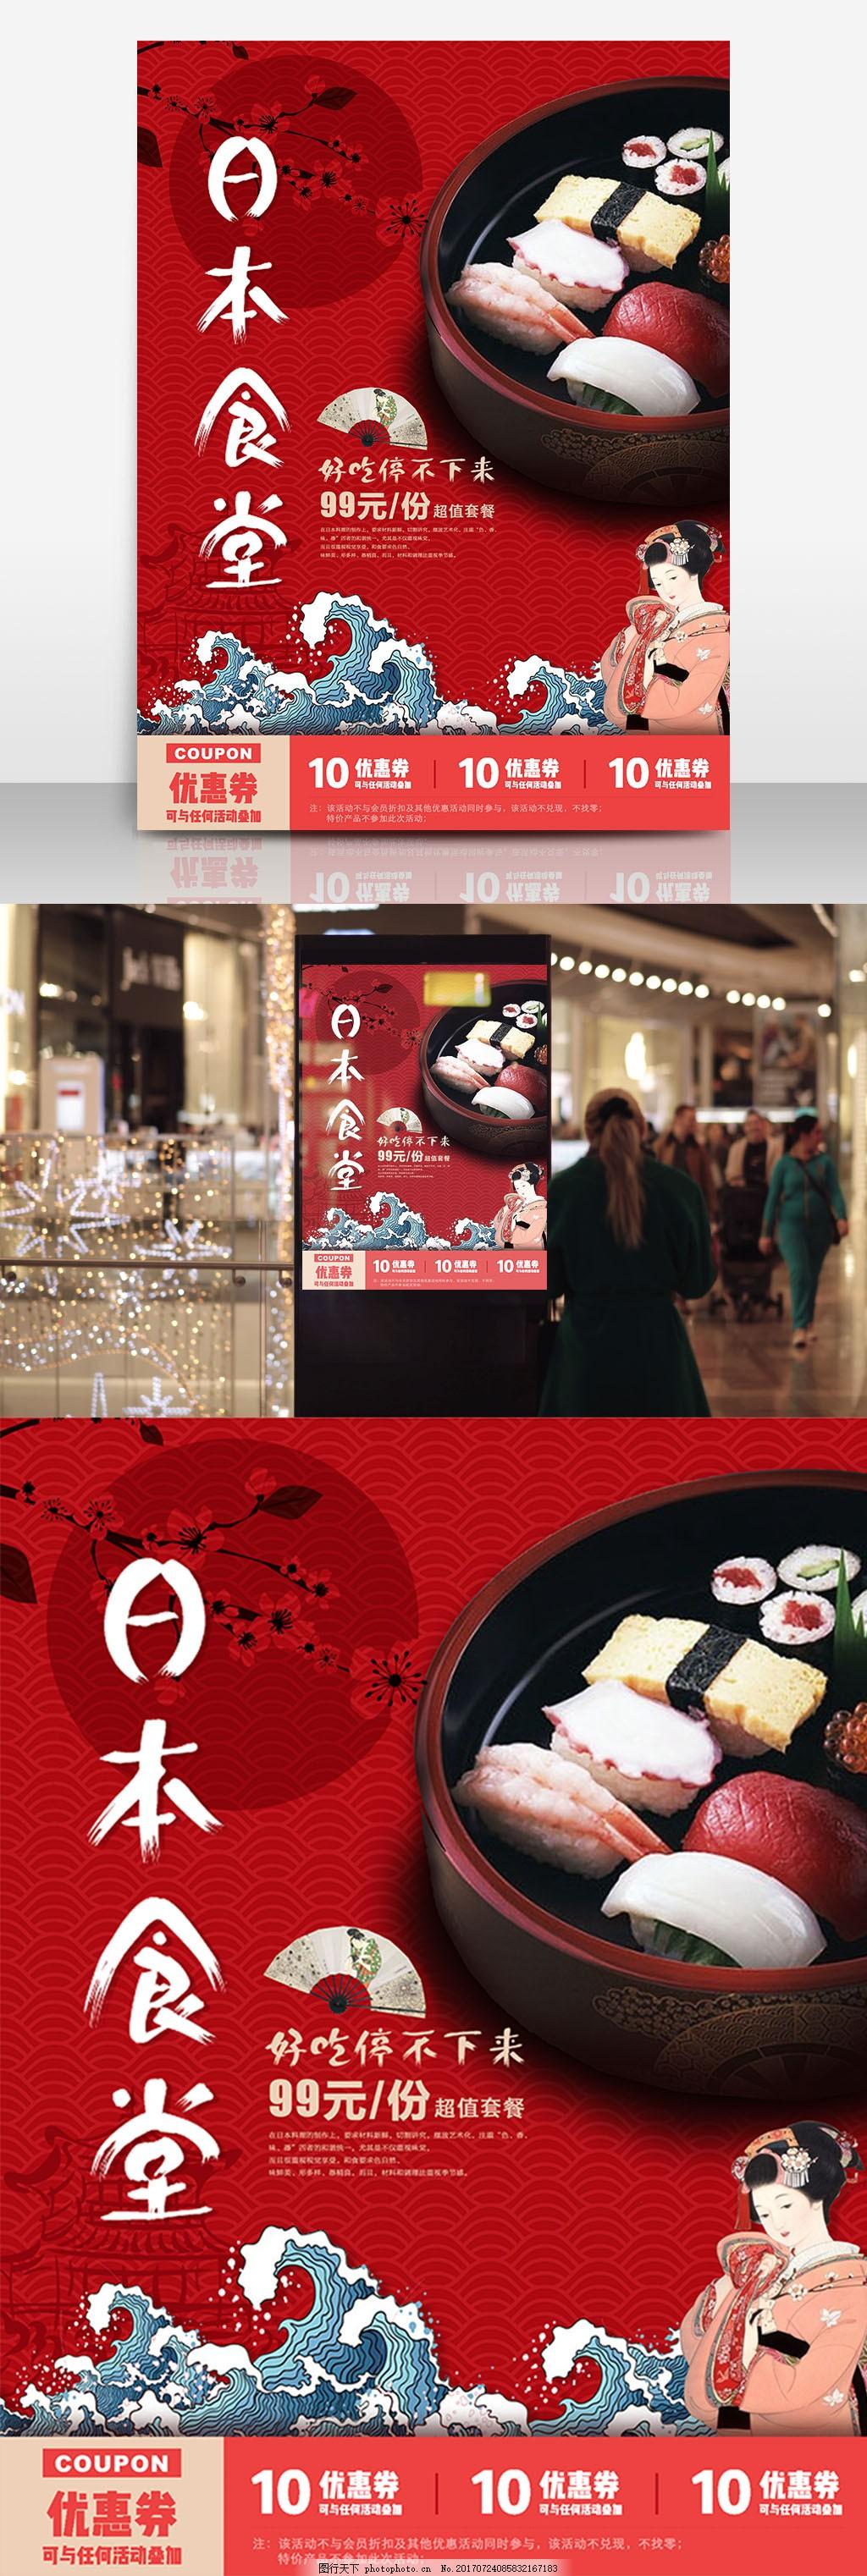 日本食堂餐馆美食宣传促销海报